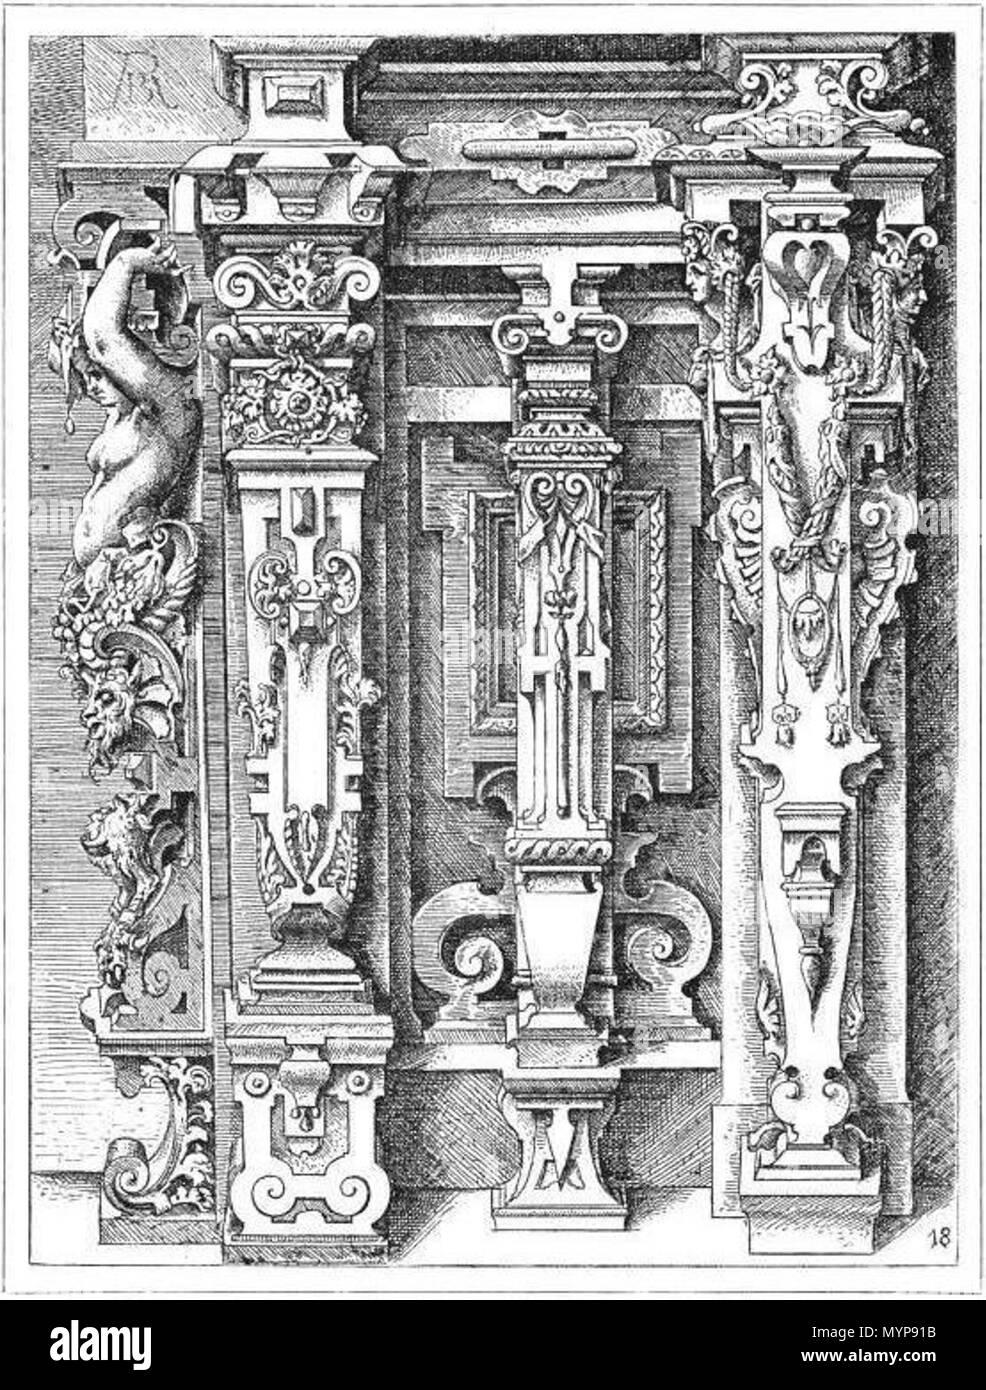 . 'Pilastres, gaines, par W. Dietterlin'. 1861. Wendel Dietterlin (fac-simile) 423 Pilastres, gaines ioniques (Dietterlin, pl. 100) - Stock Image